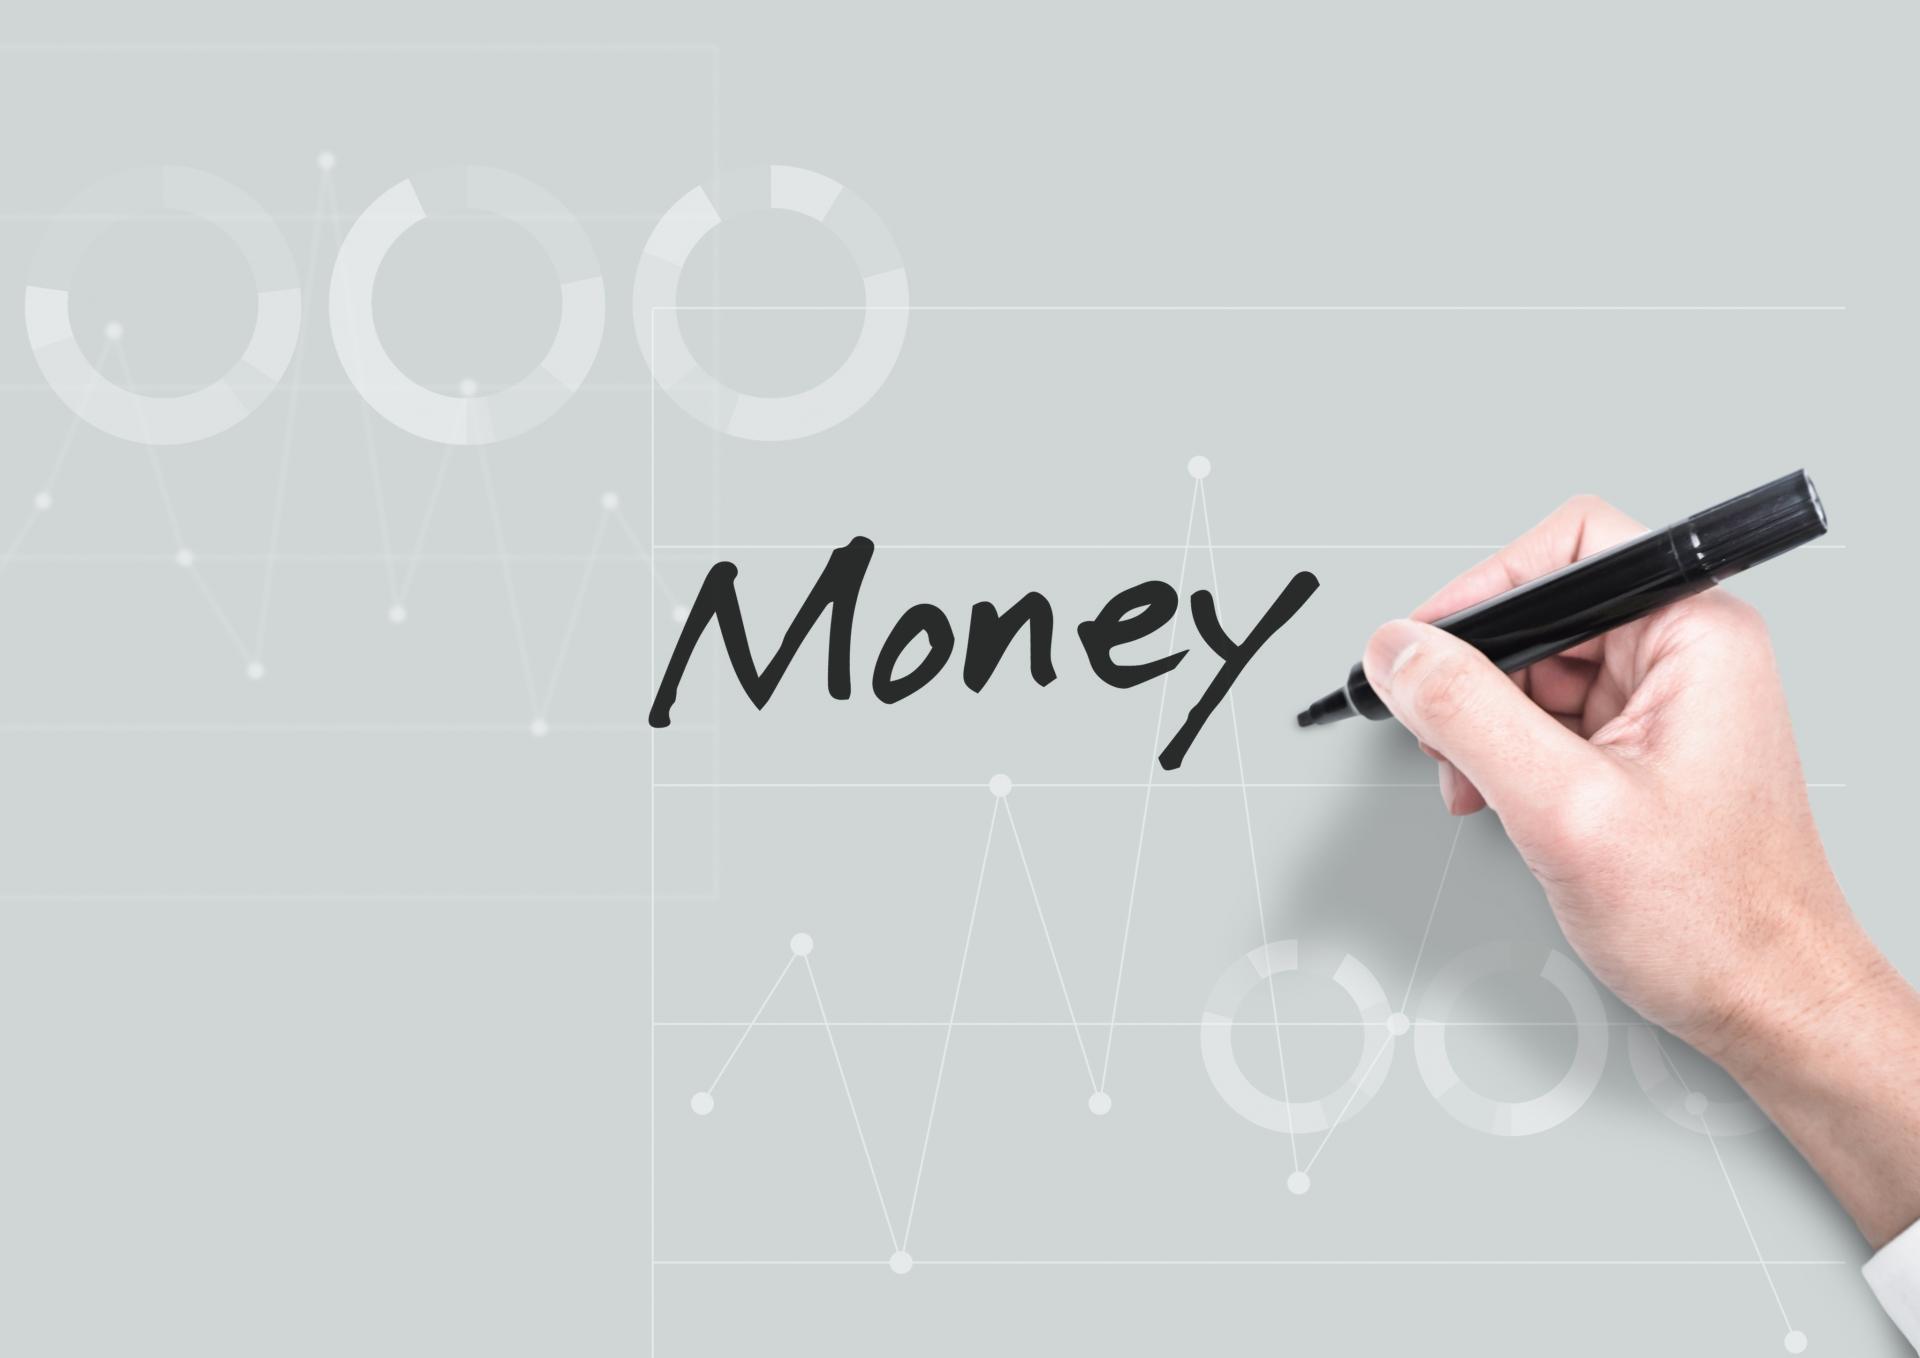 お金という文字のイメージ